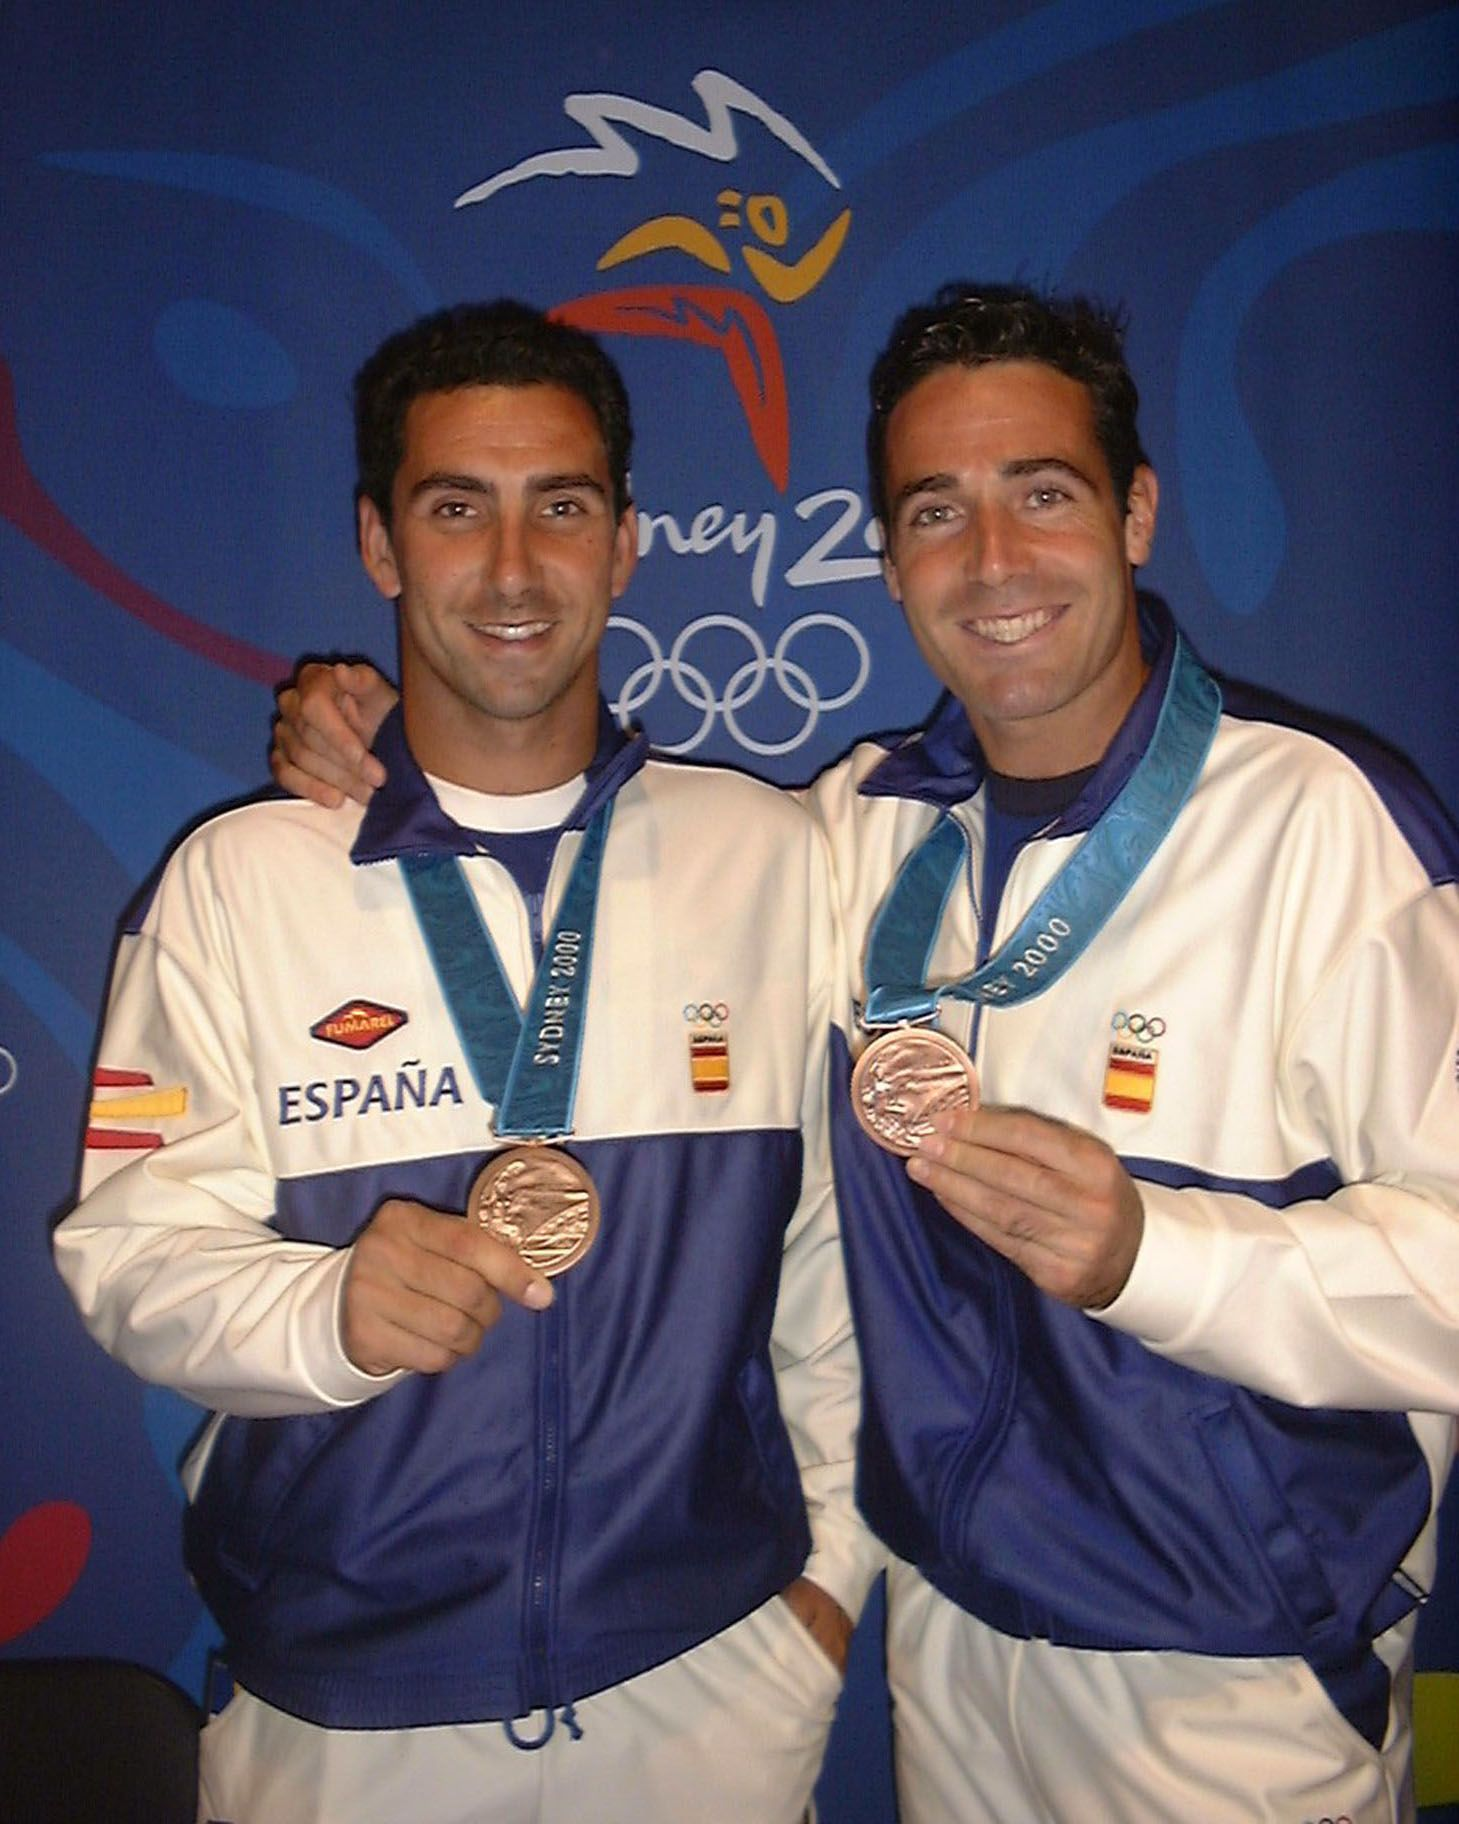 L'extennista Àlex Corretja va guanyar el bronze a Sidney 2000, fent parella amb Albert Costa. FOTO: Cedida